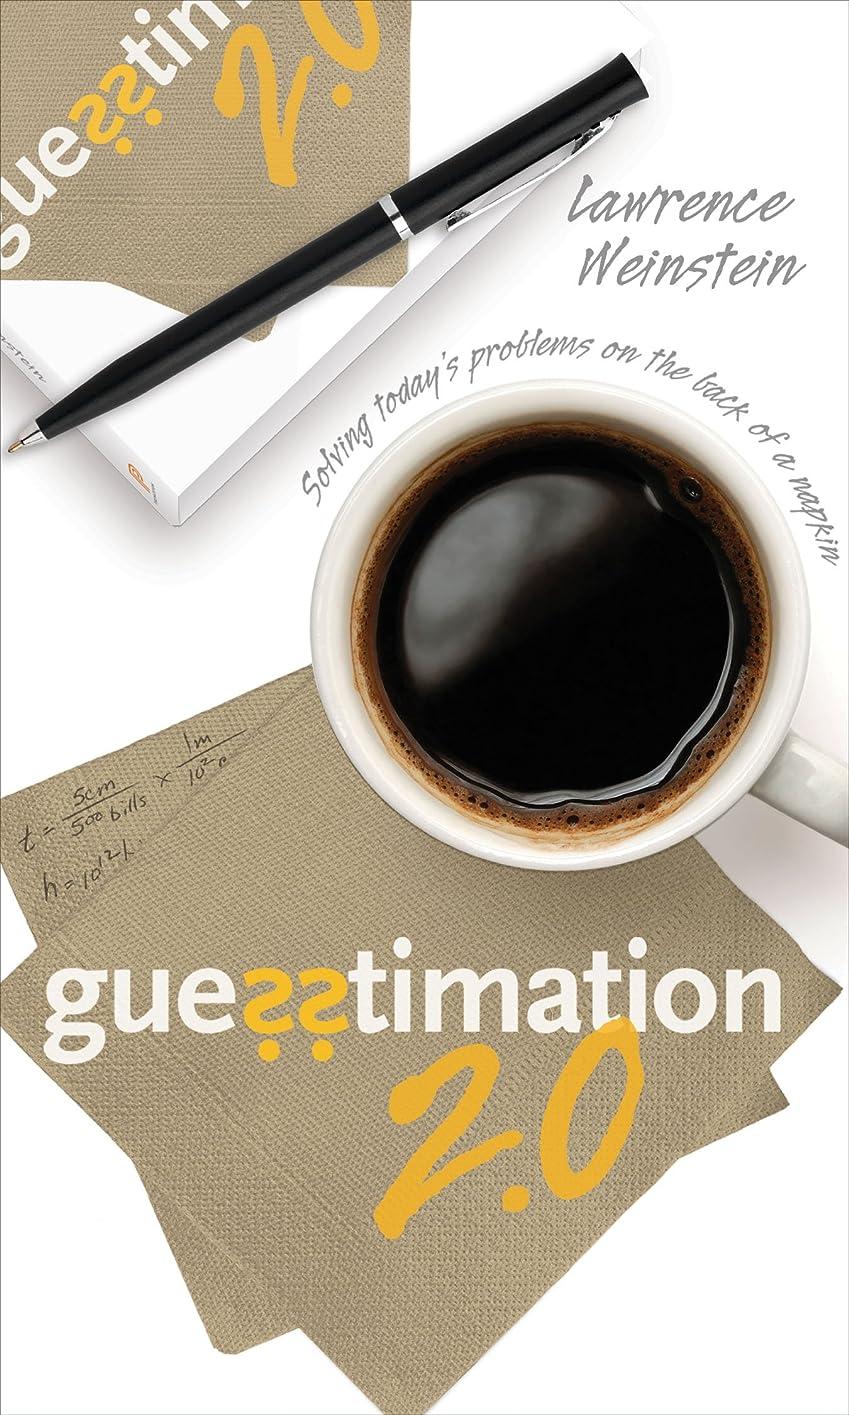 ヨーロッパ見積りキャプテンGuesstimation 2.0: Solving Today's Problems on the Back of a Napkin (English Edition)